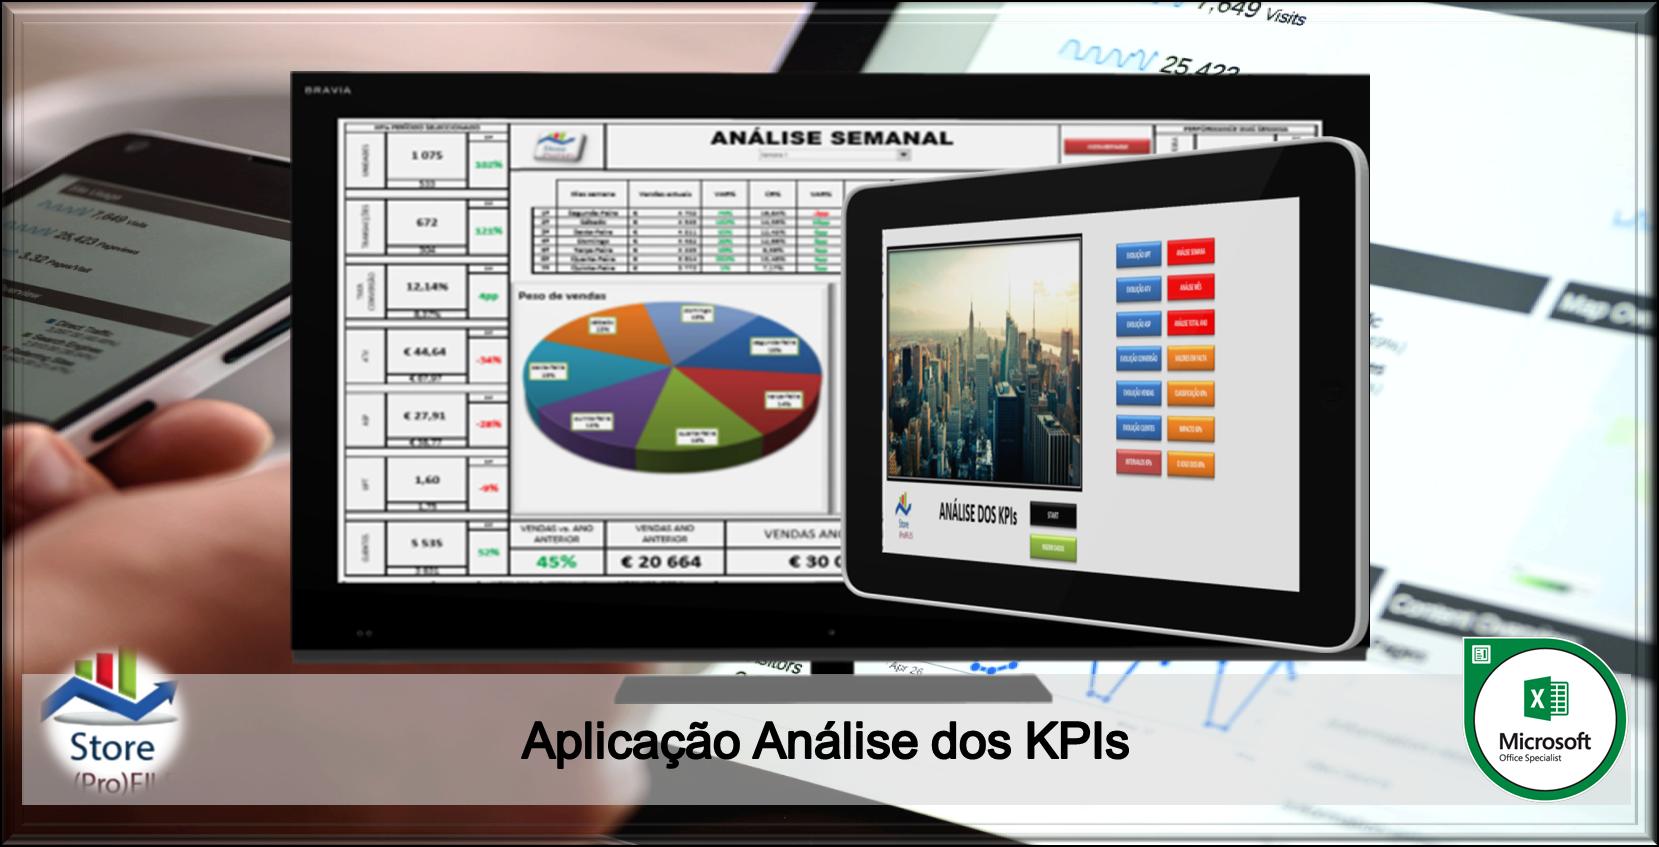 Aplicação Análise dos KPIs